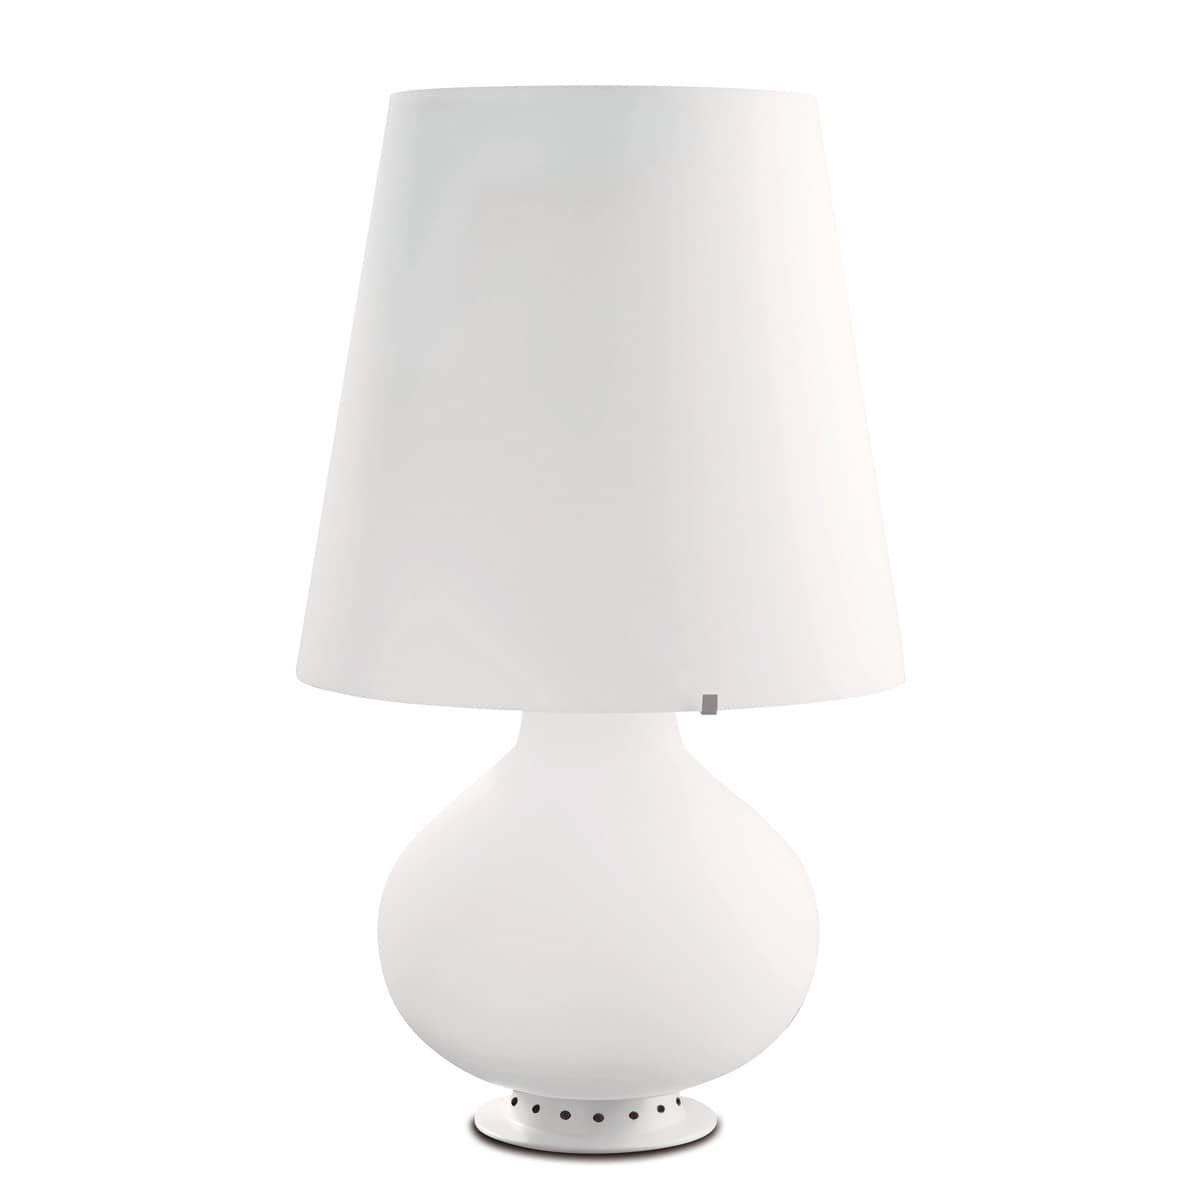 Tischleuchte Led Ring Tischlampe Landhausstil Led Lampe Mit Batterie Und Bewegungsmelder Tisch Mit Lampe Nach In 2020 Lampe Mit Batterie Tischleuchte Led Lampe